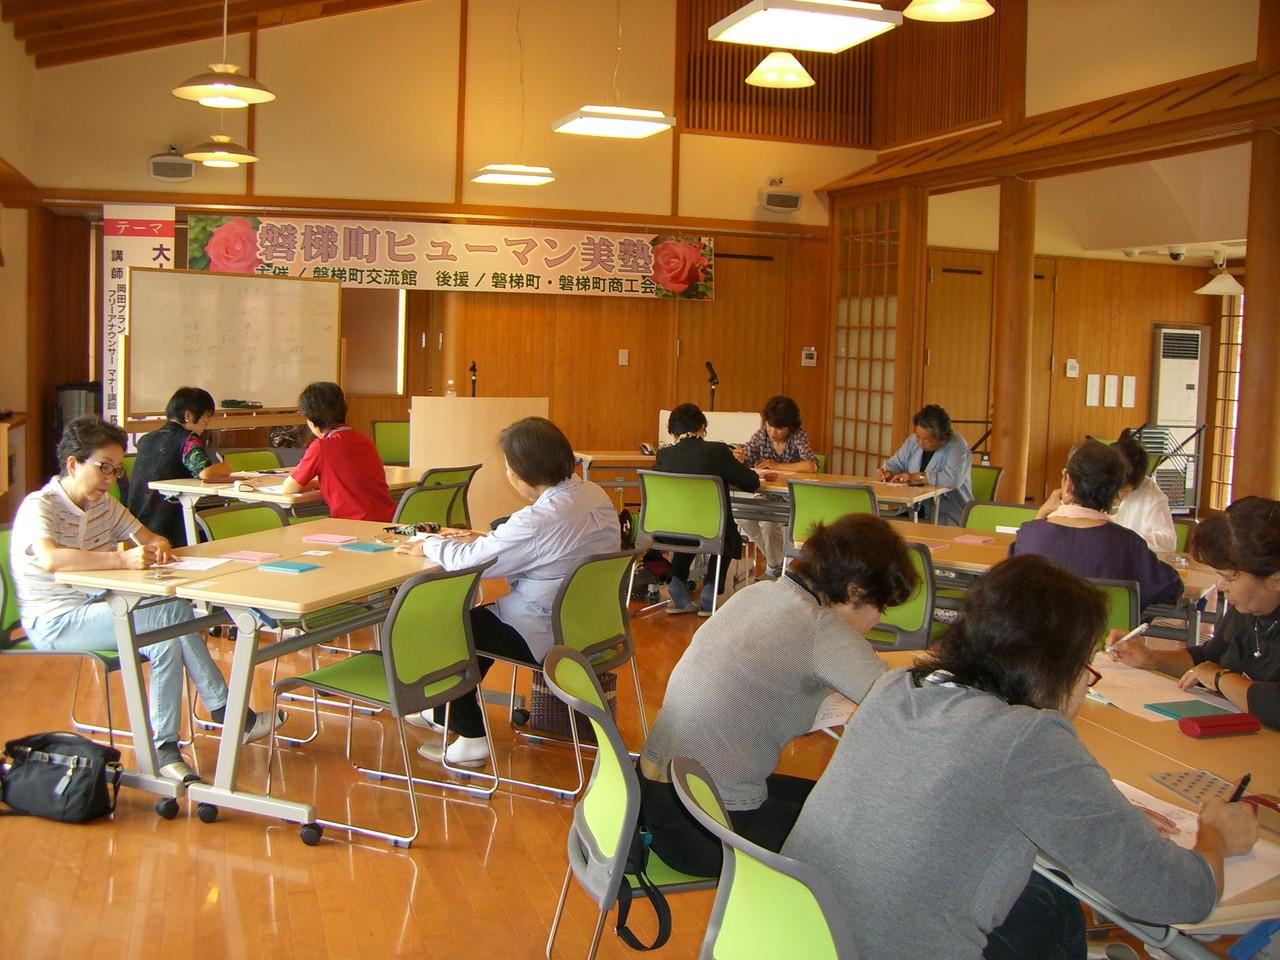 2013 磐梯町ヒューマン美塾 3